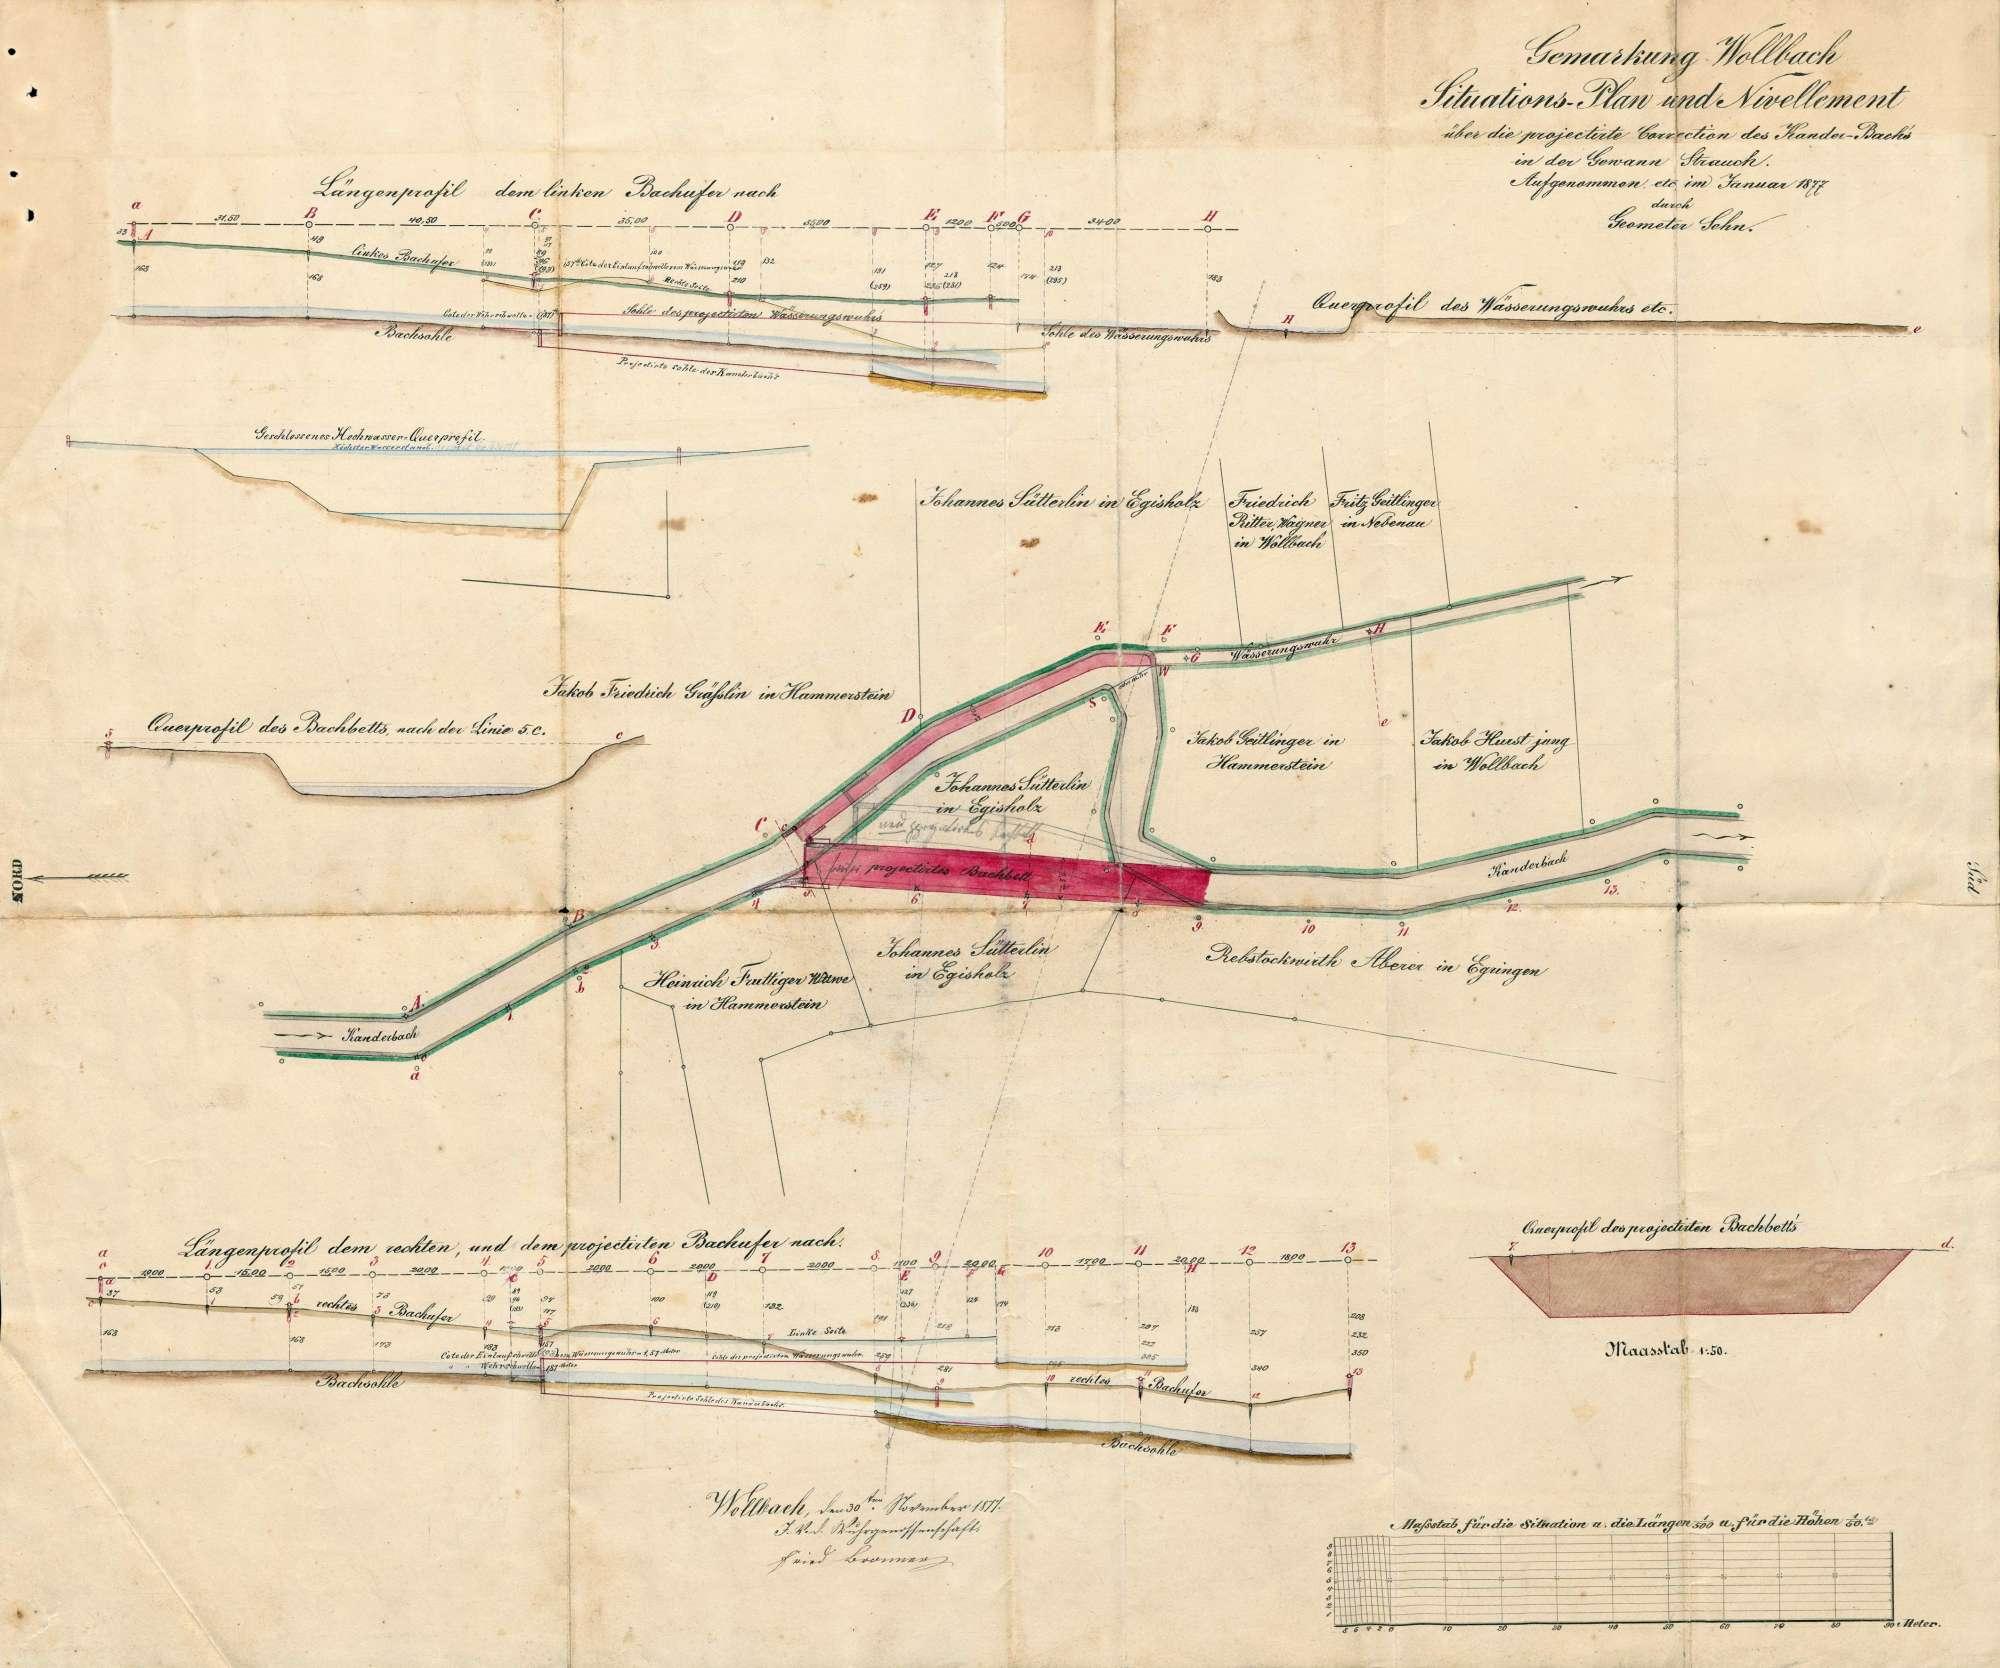 Bau eines neuen Wuhrs in der Kander bei Wollbach; Verlegung des Bachbetts, Bild 2